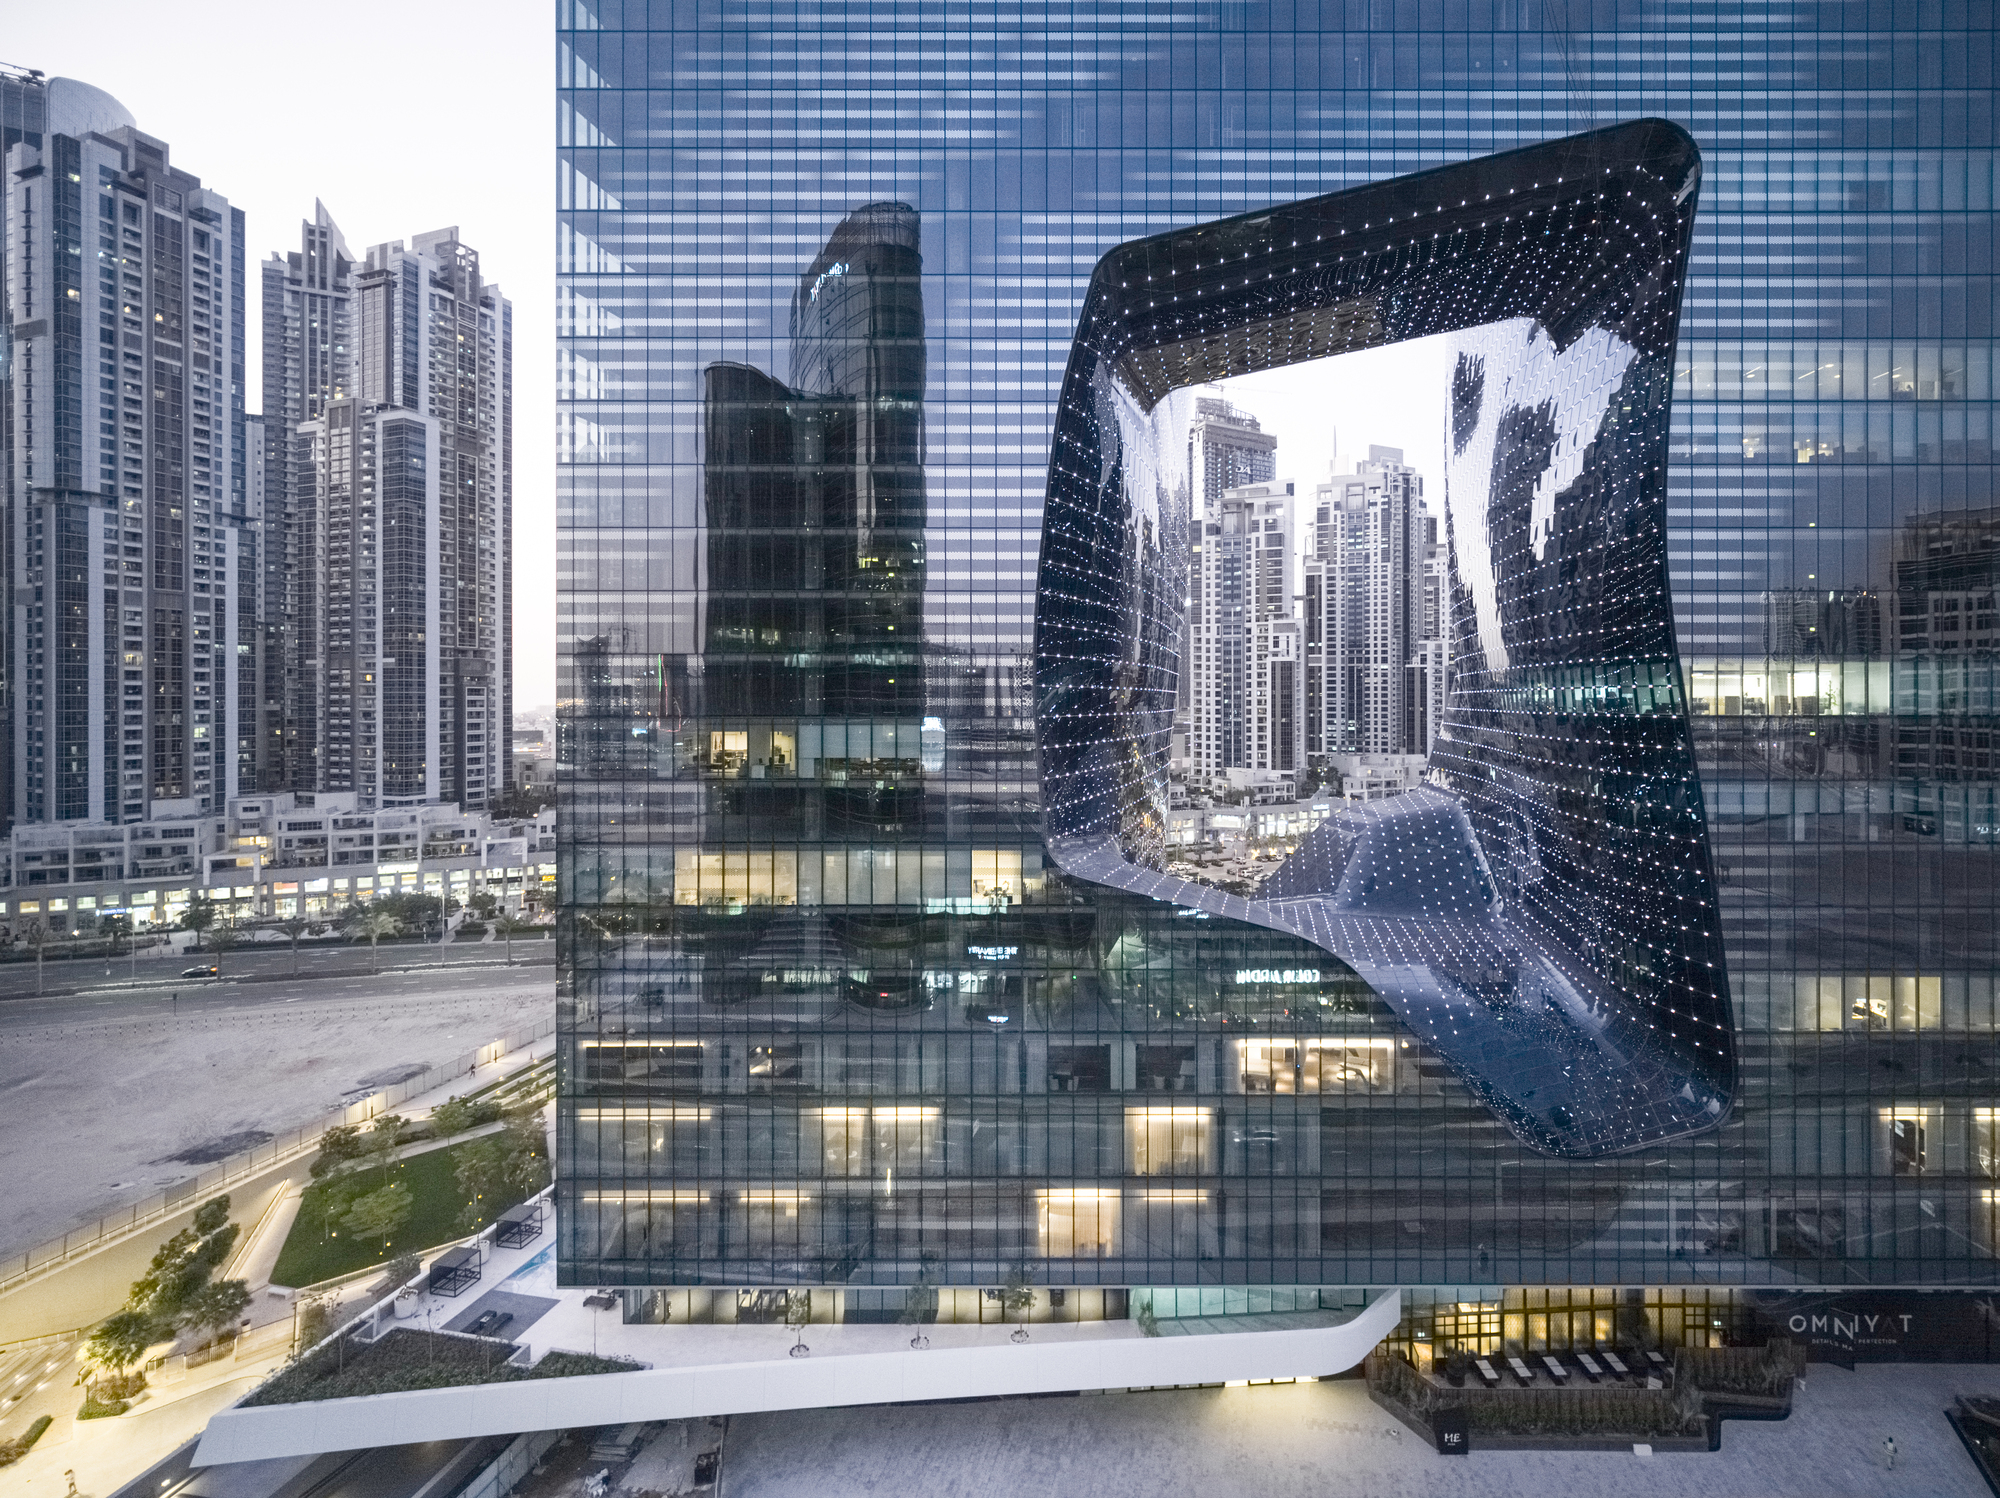 edificio projetado pela arquiteta famosa Zaha Hadid